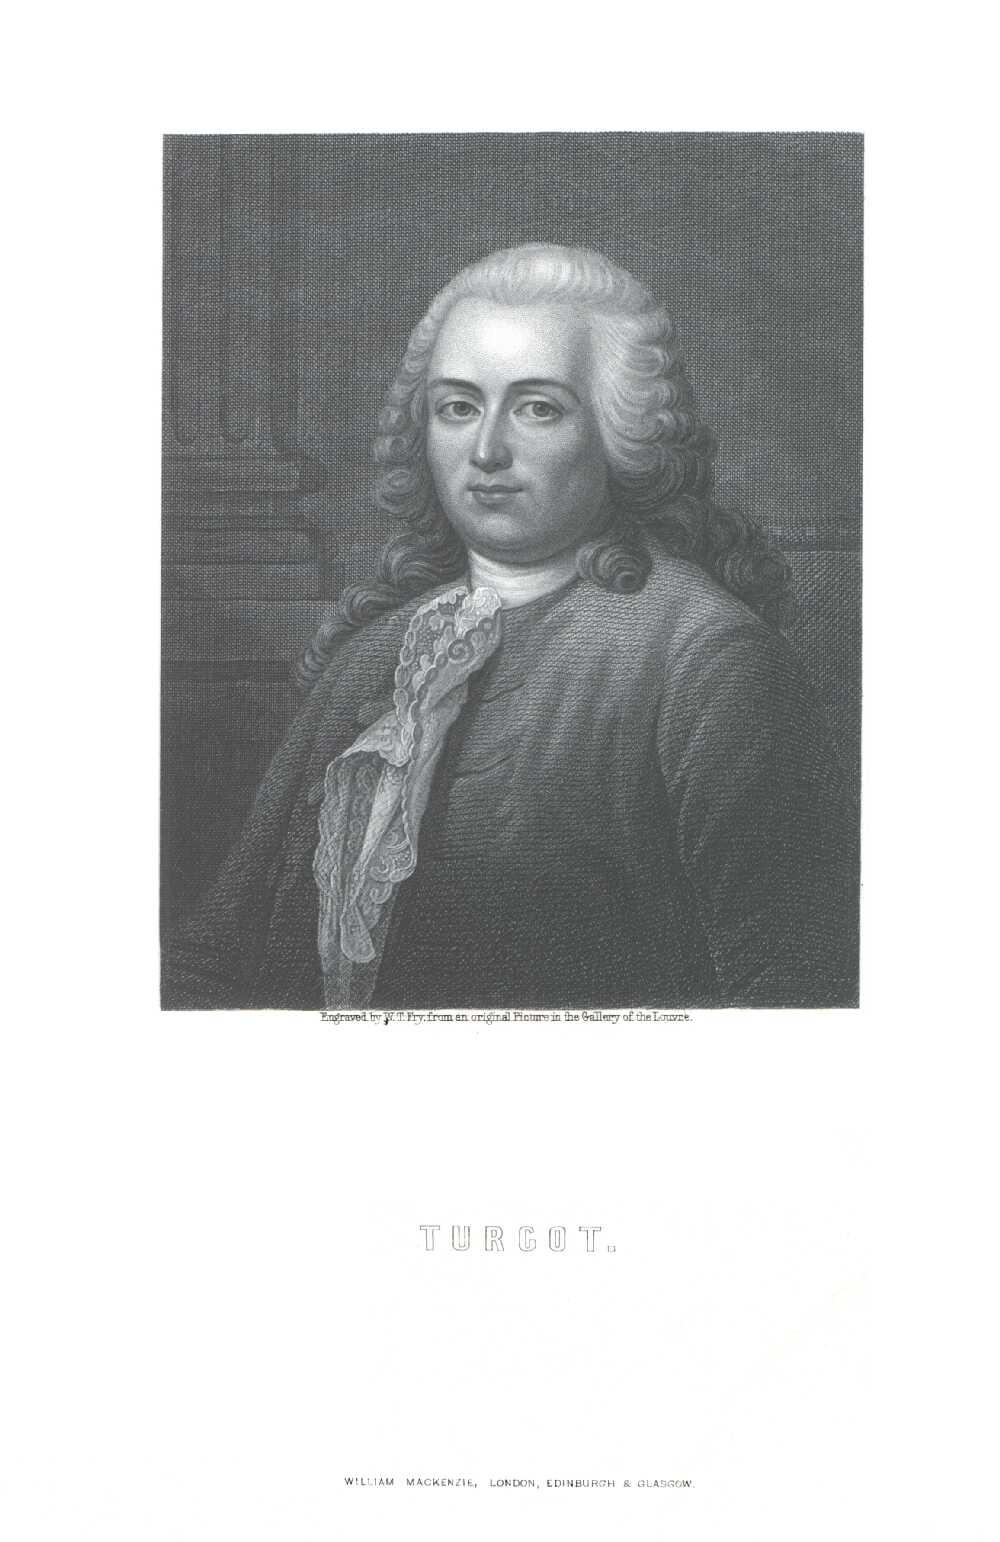 Portrait of Anne-Robert-Jacques Turgot, baron de l'Aulne,  Image number:SIL14-T003-05a